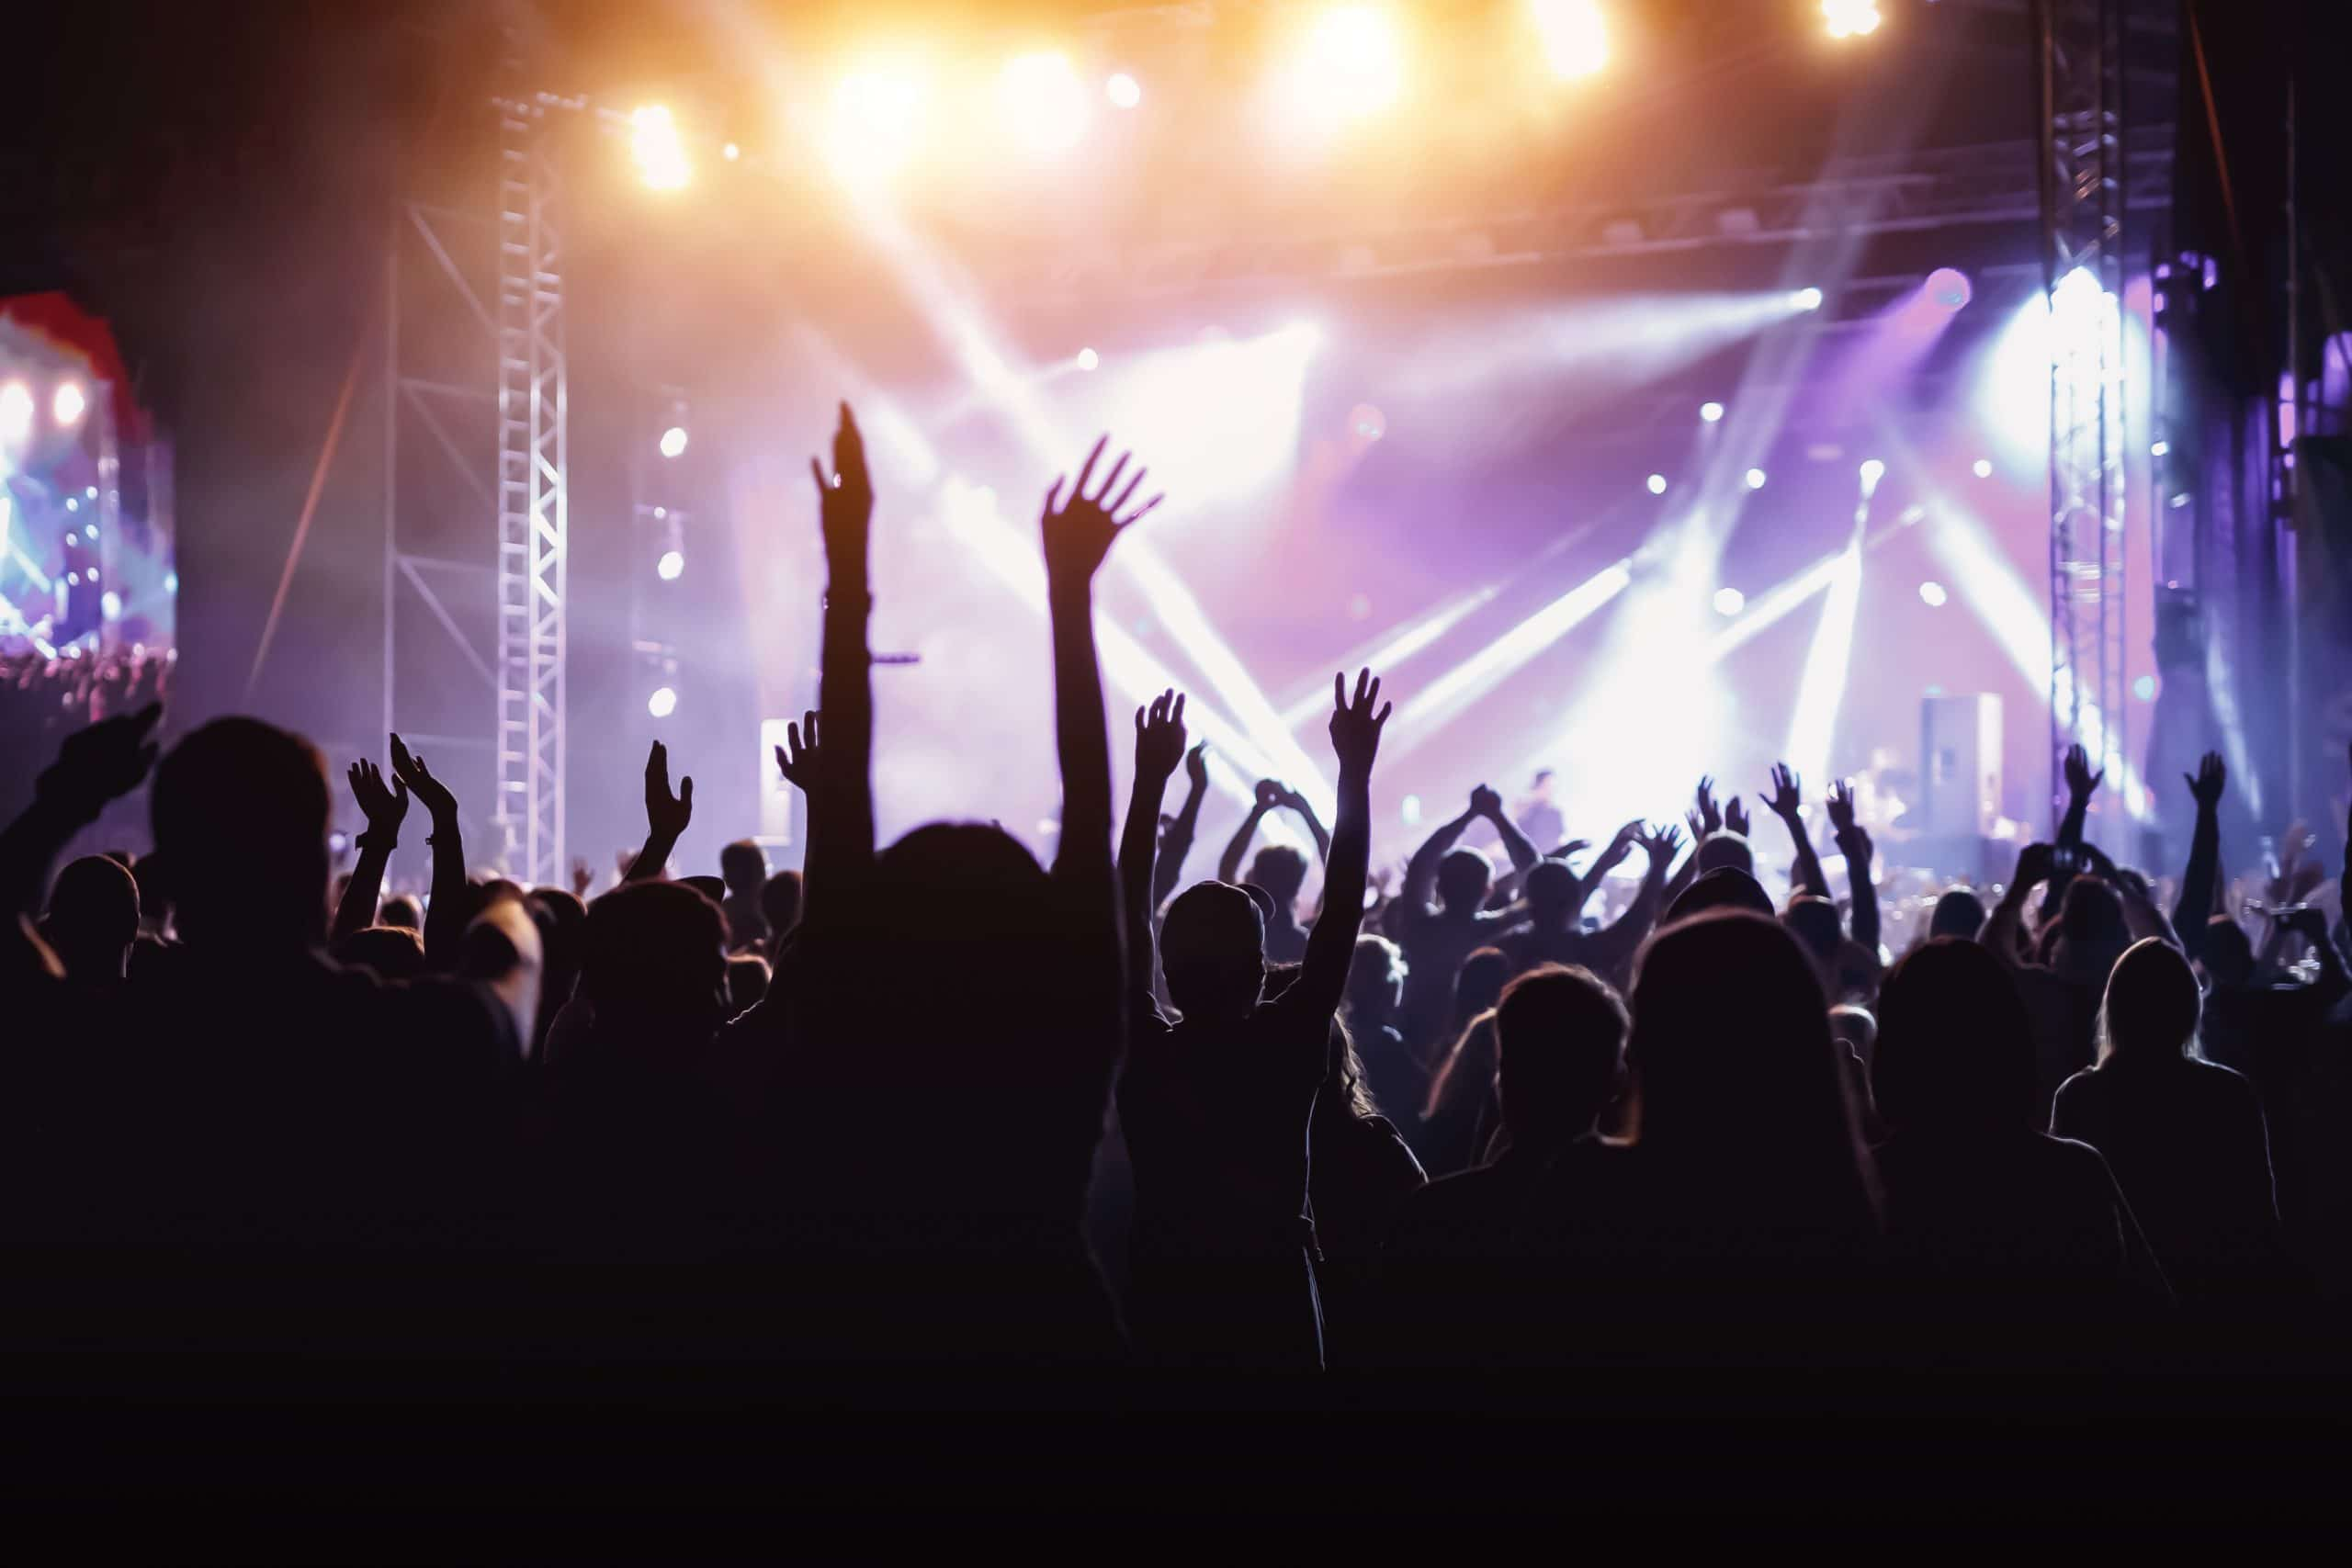 La fête de la musique à rennes : comment en profiter ?